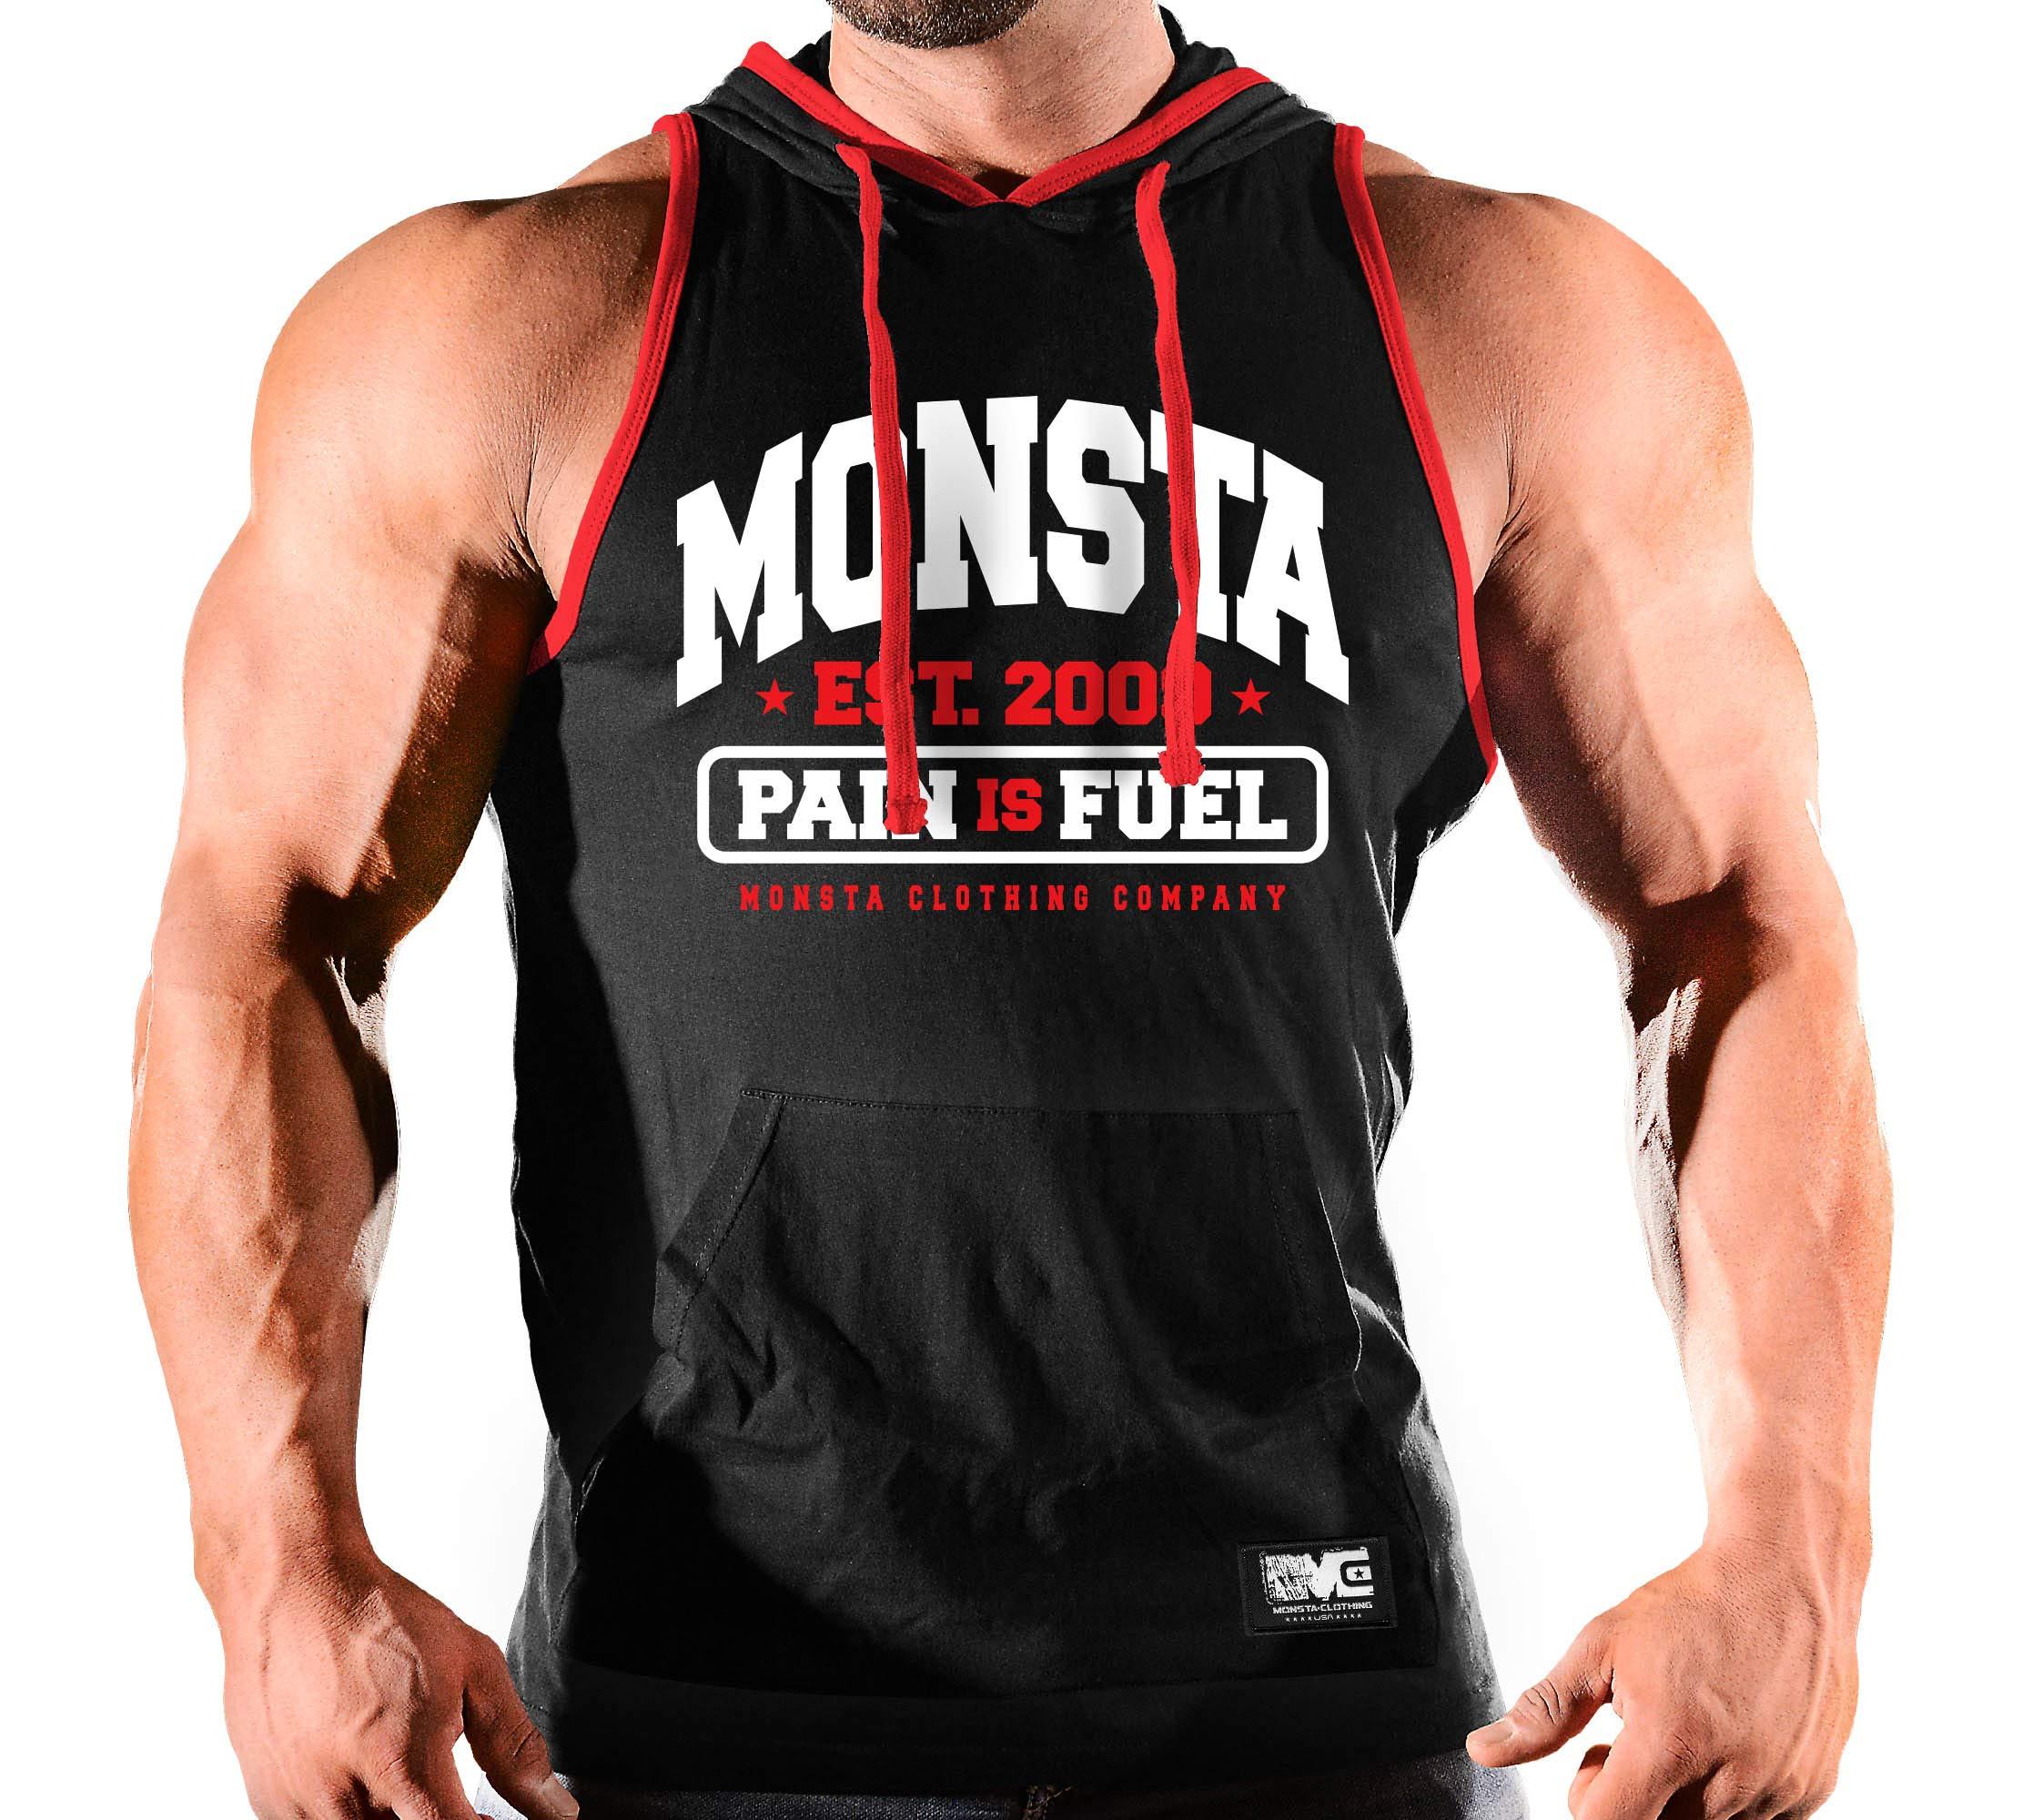 Grey Tap or Bleed Monsta Clothing Men/'s HARD LIFE Gym Fashion Tee